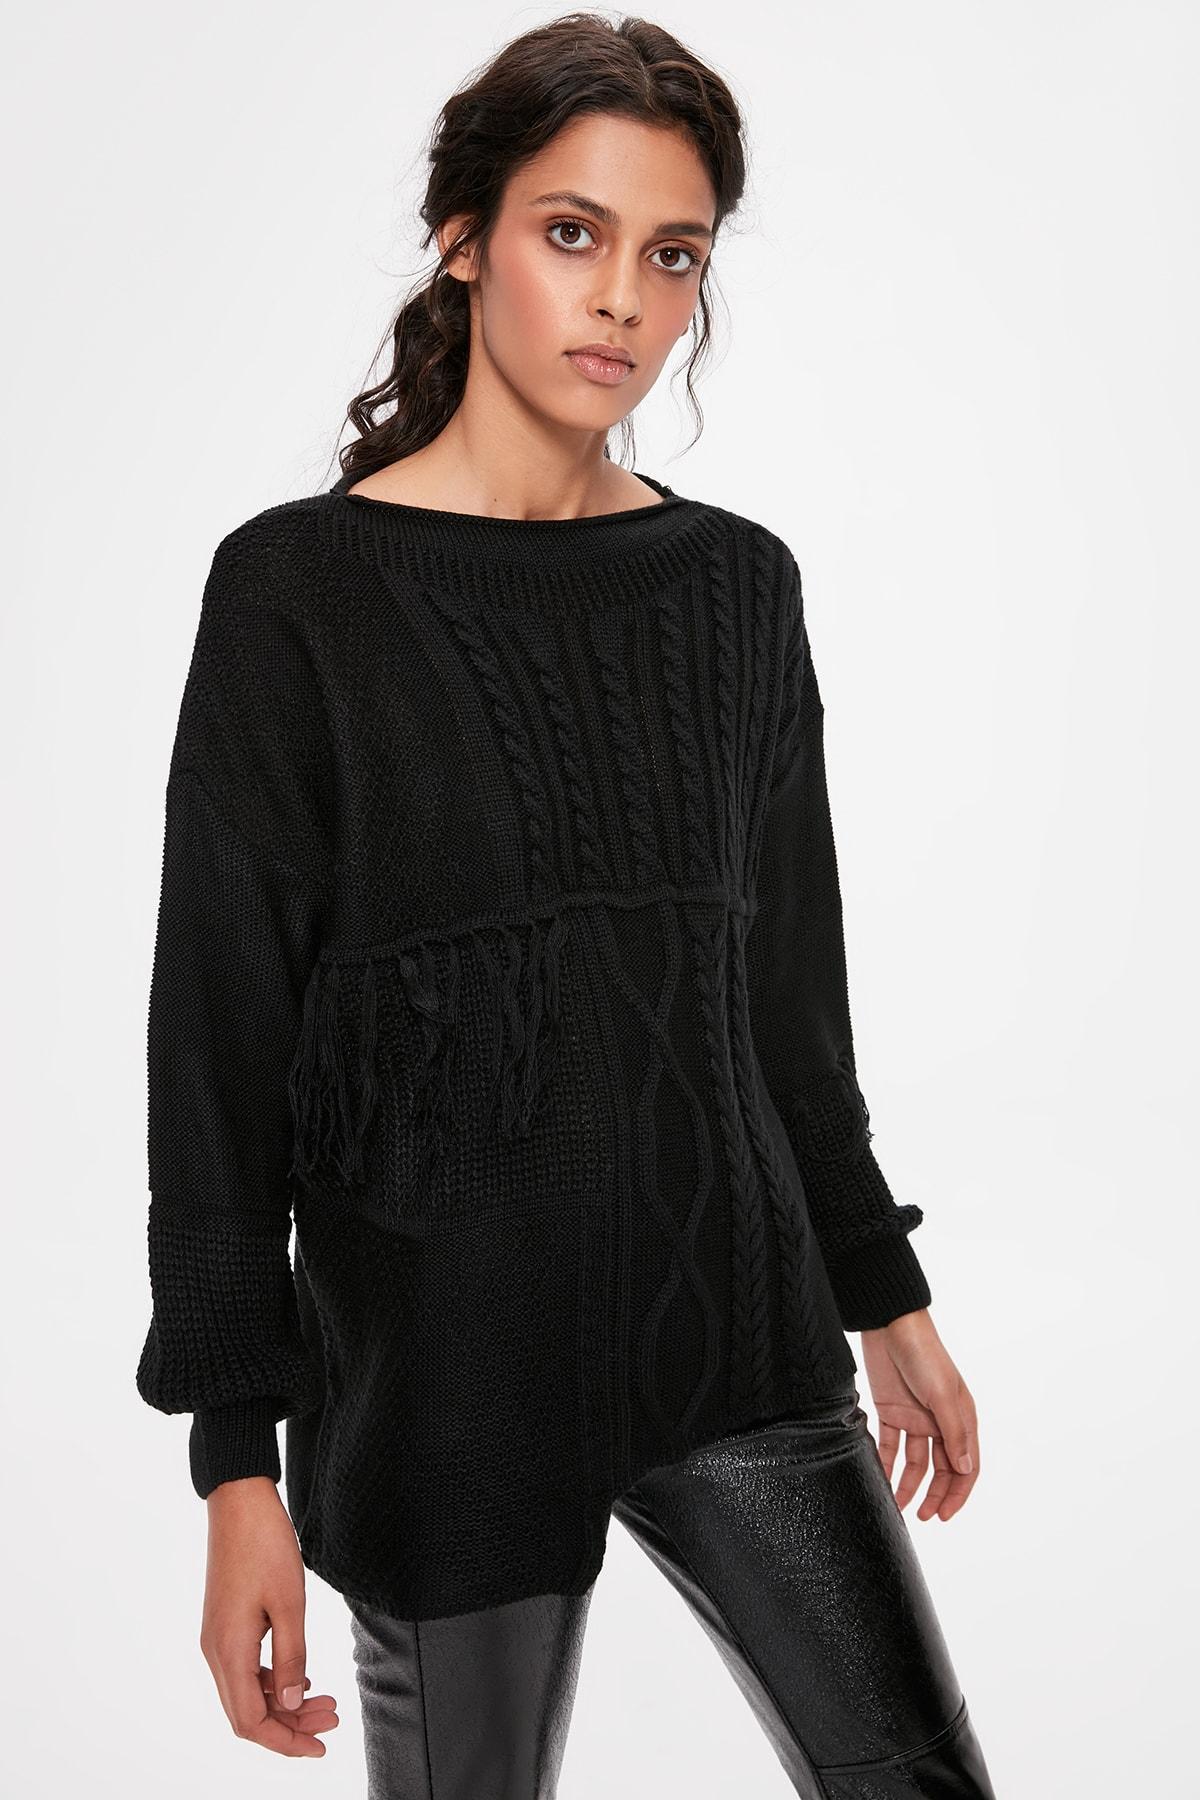 Trendyol Black Tassels Sweater Sweater TWOAW20KZ0060